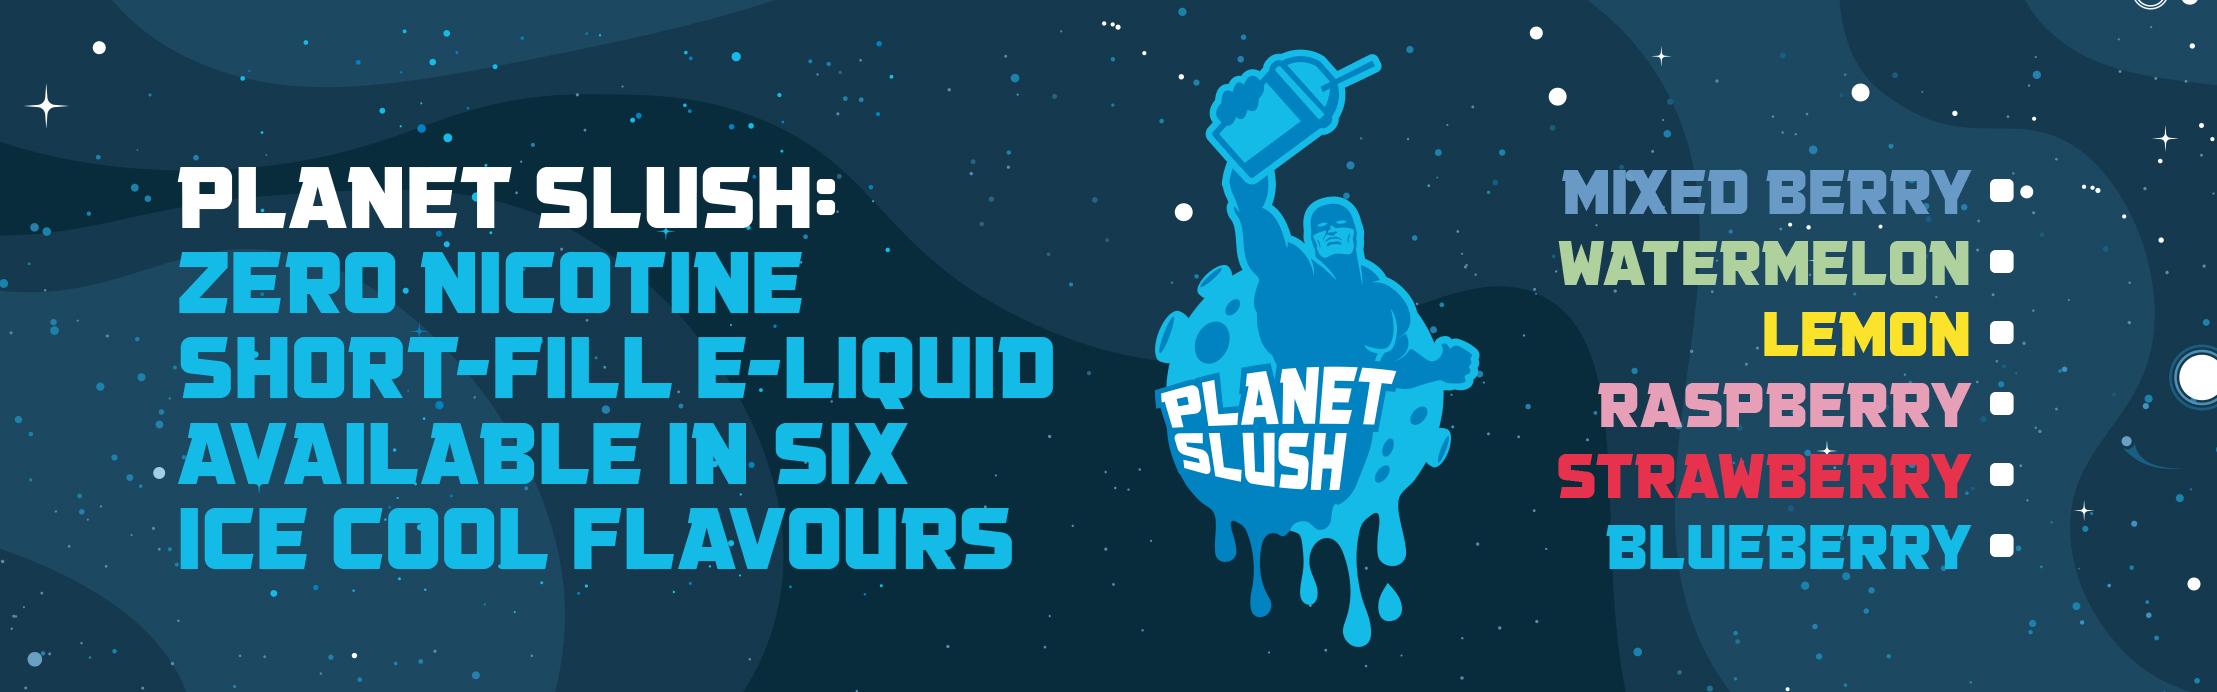 slush-banner.jpg